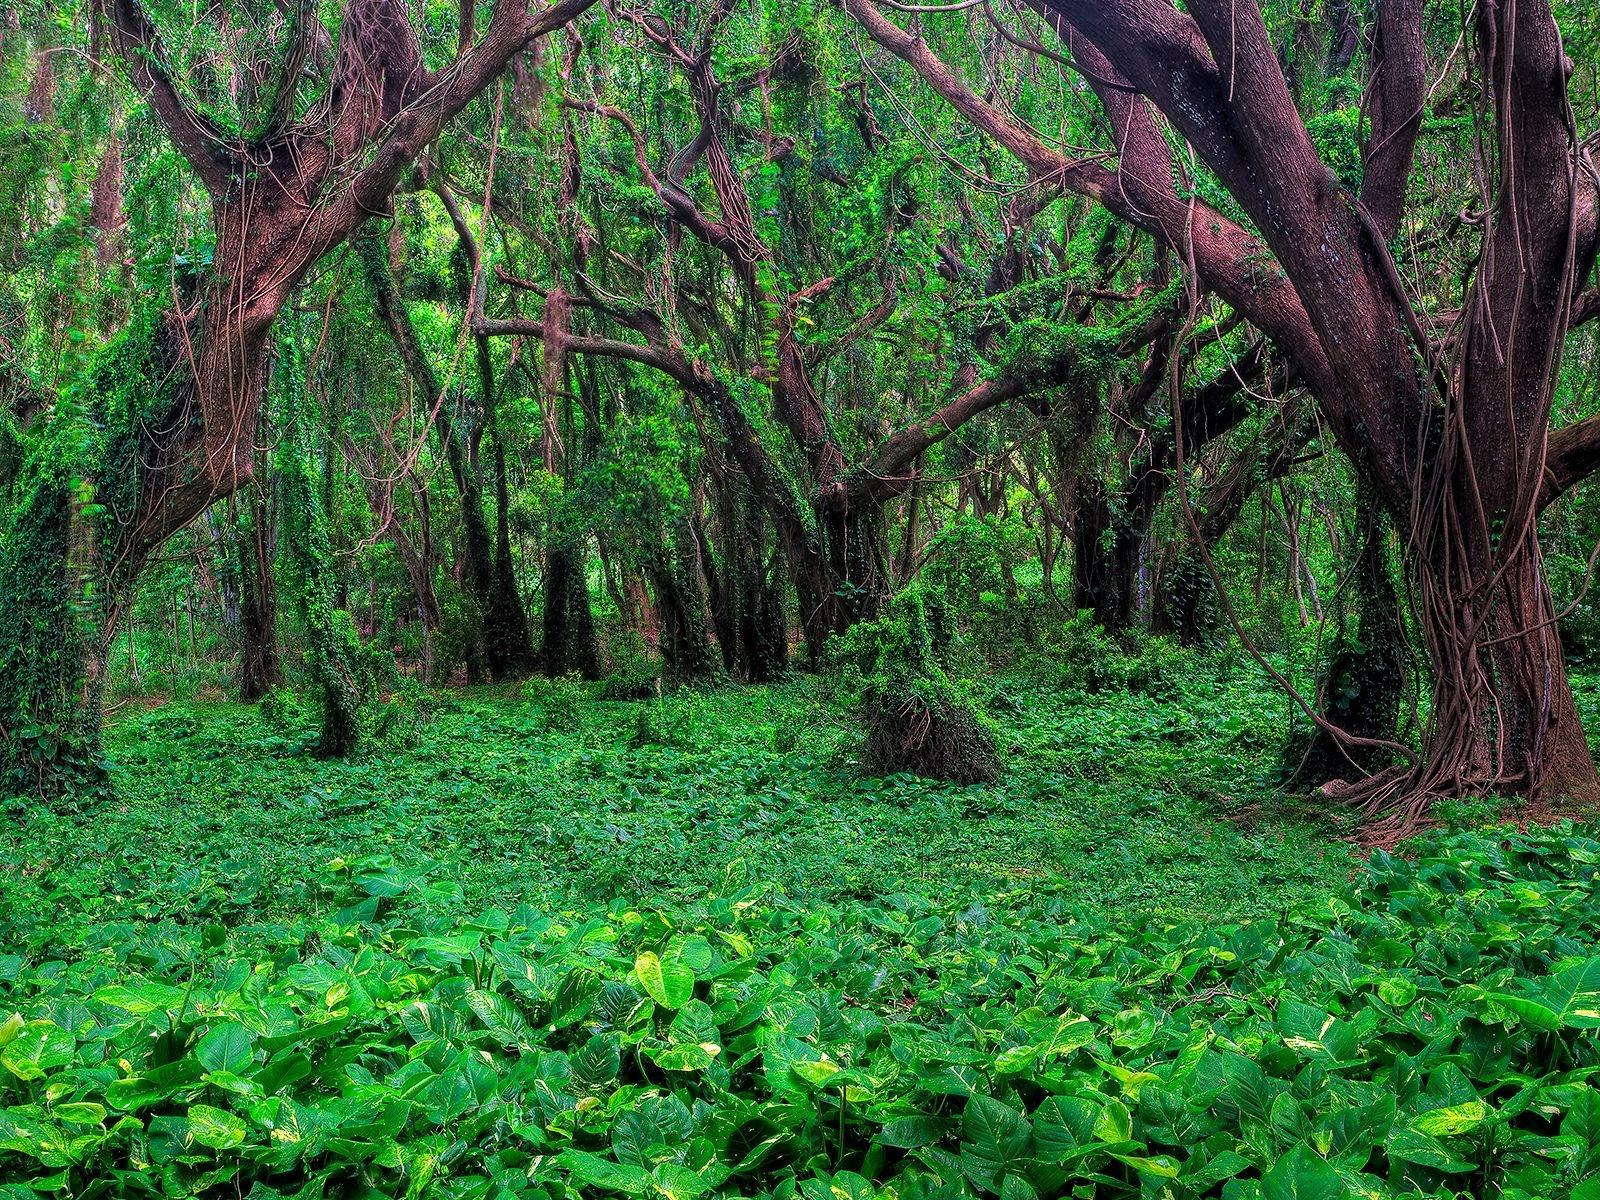 http://4.bp.blogspot.com/-CG5Oe1NvlCU/TtEPAADMKqI/AAAAAAAAXGI/LeRYUAFrByI/s1600/Natural+Photography+%252822%2529.jpg